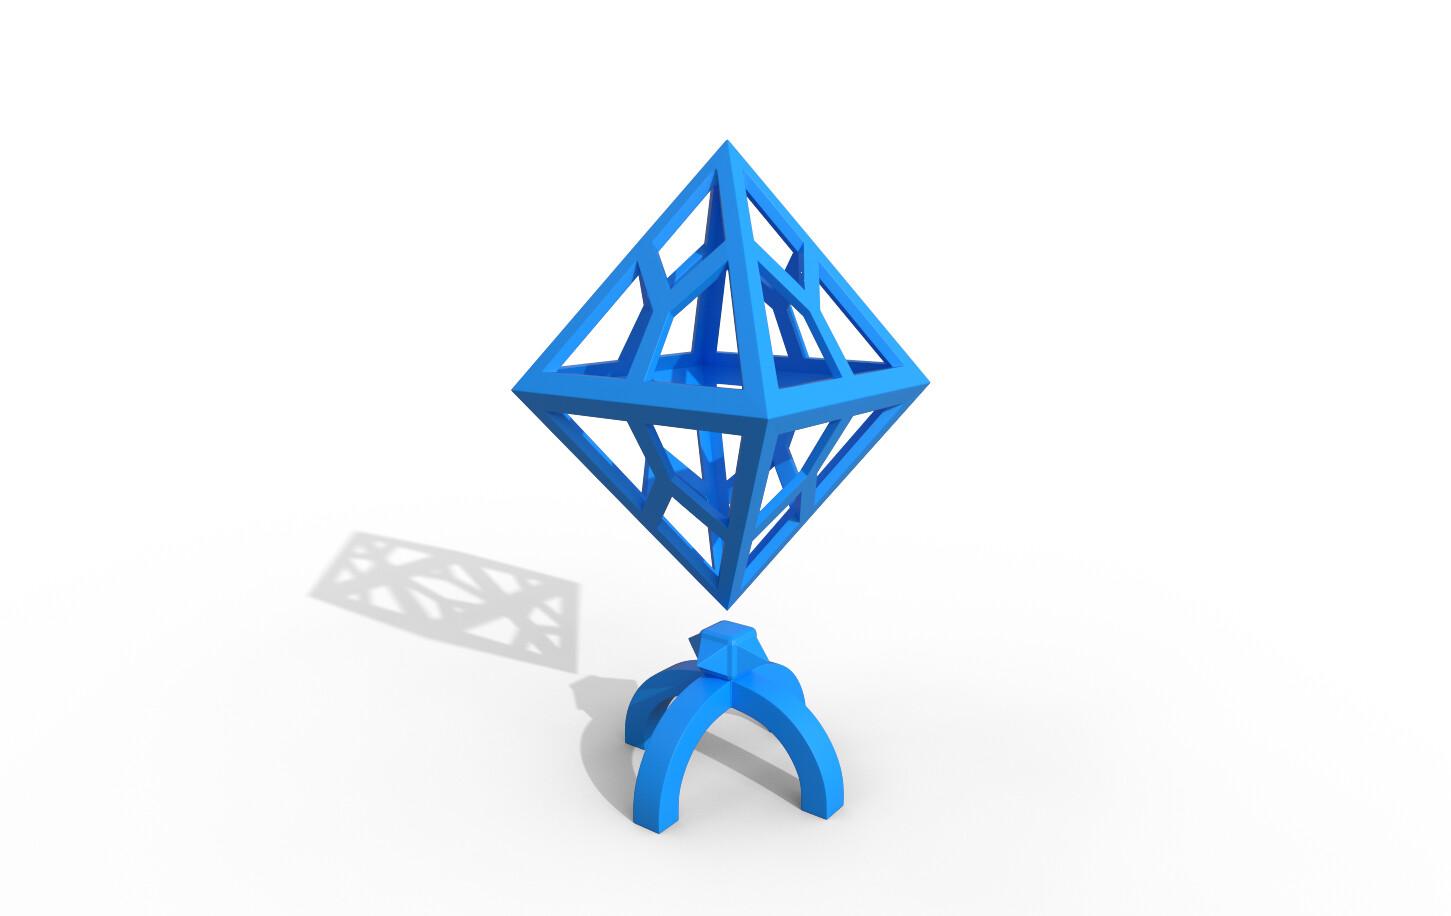 Joseph moniz cube001n